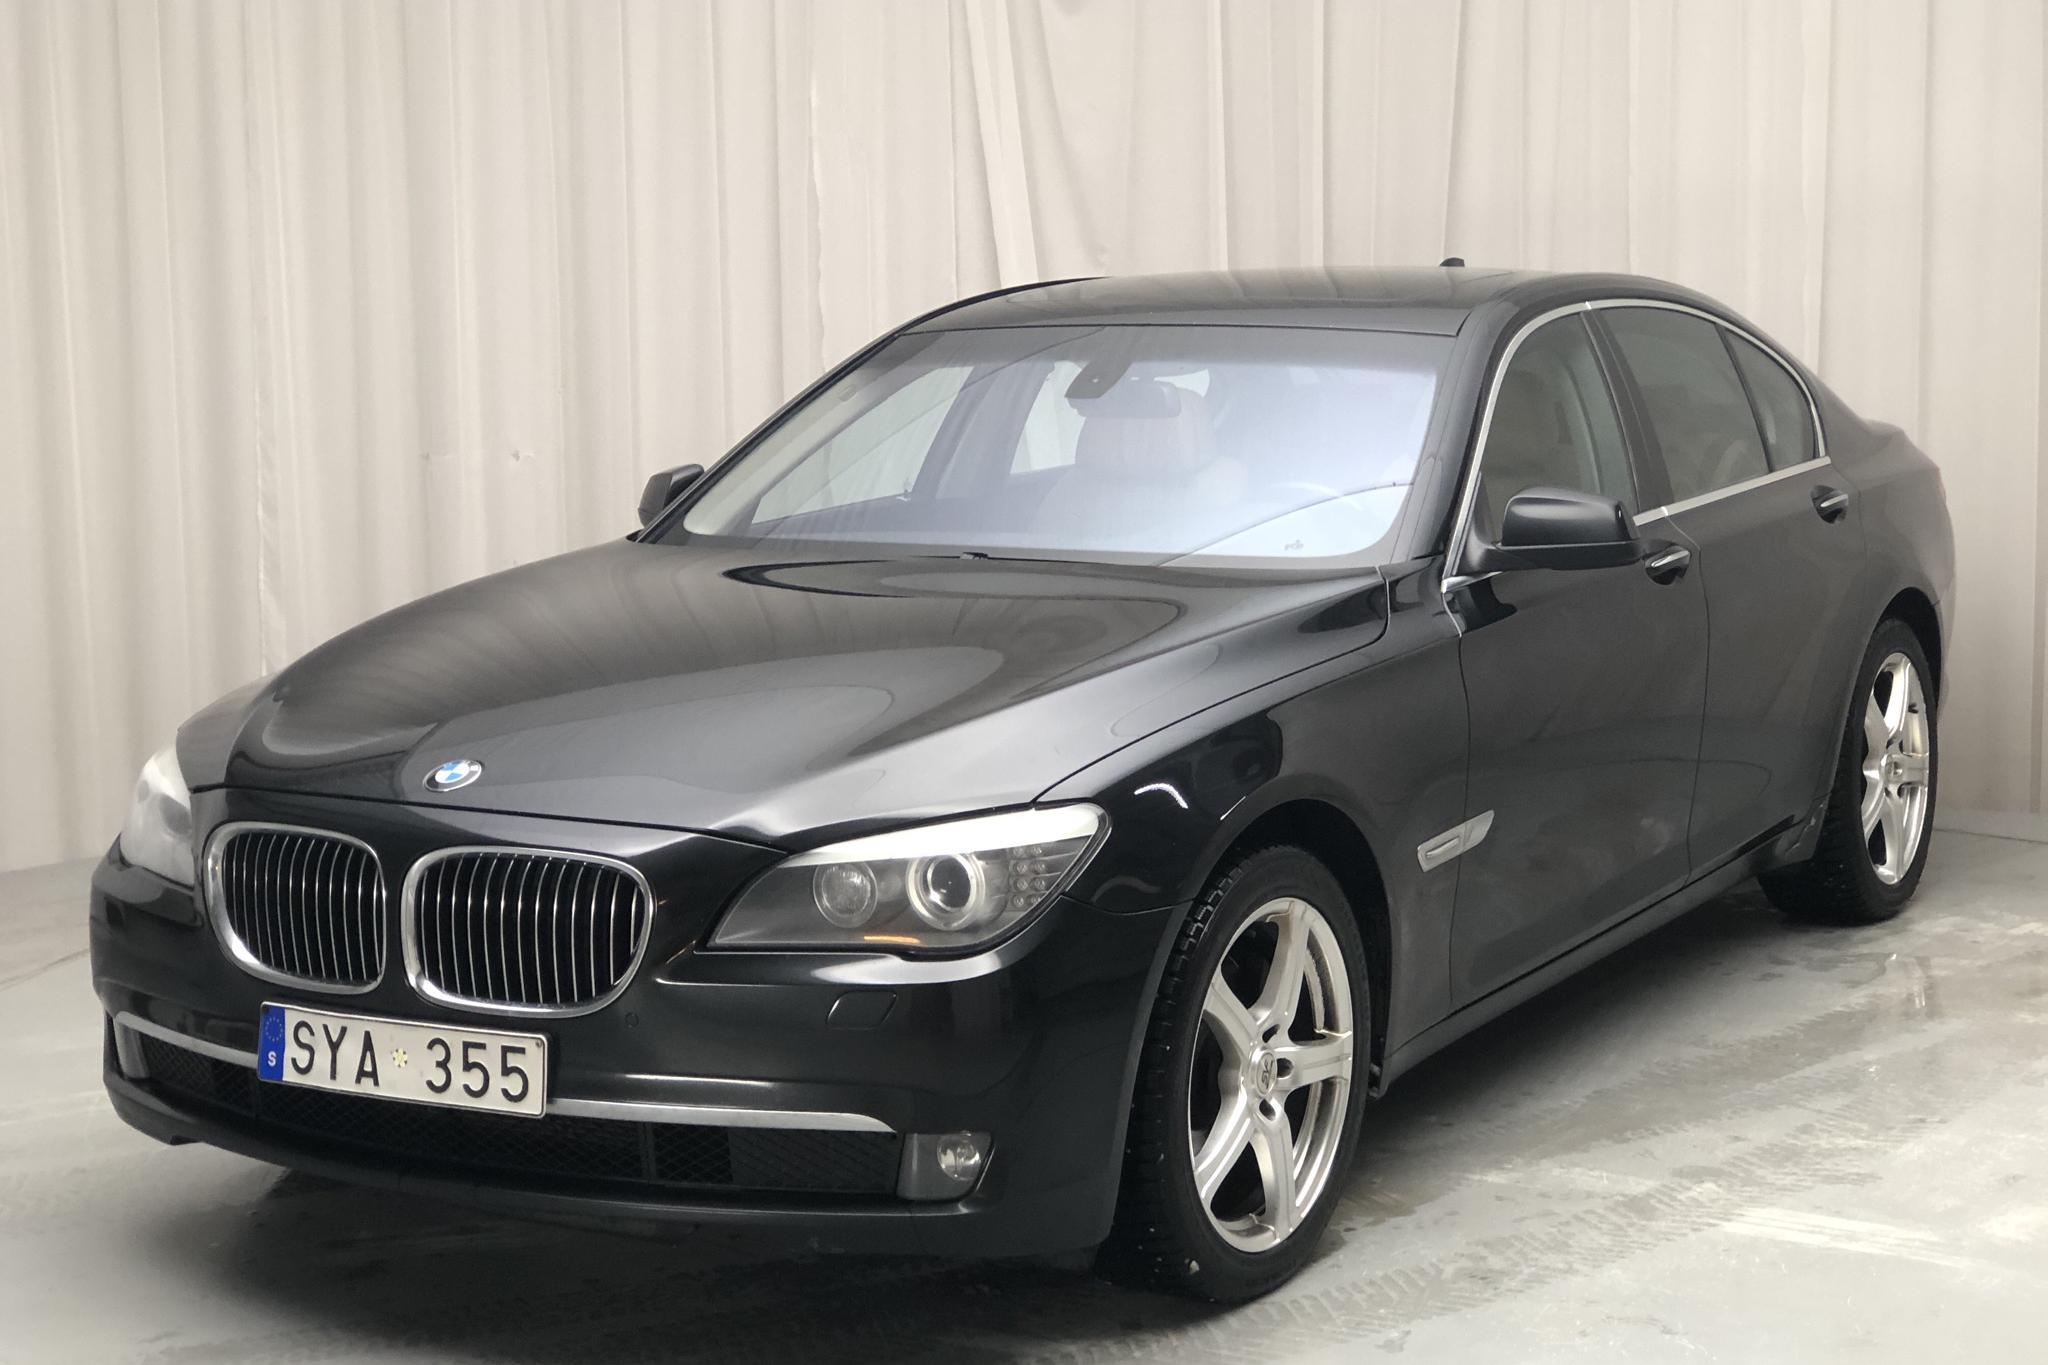 BMW 730d Sedan, F01 (245hk) - 22 661 mil - Automat - svart - 2009